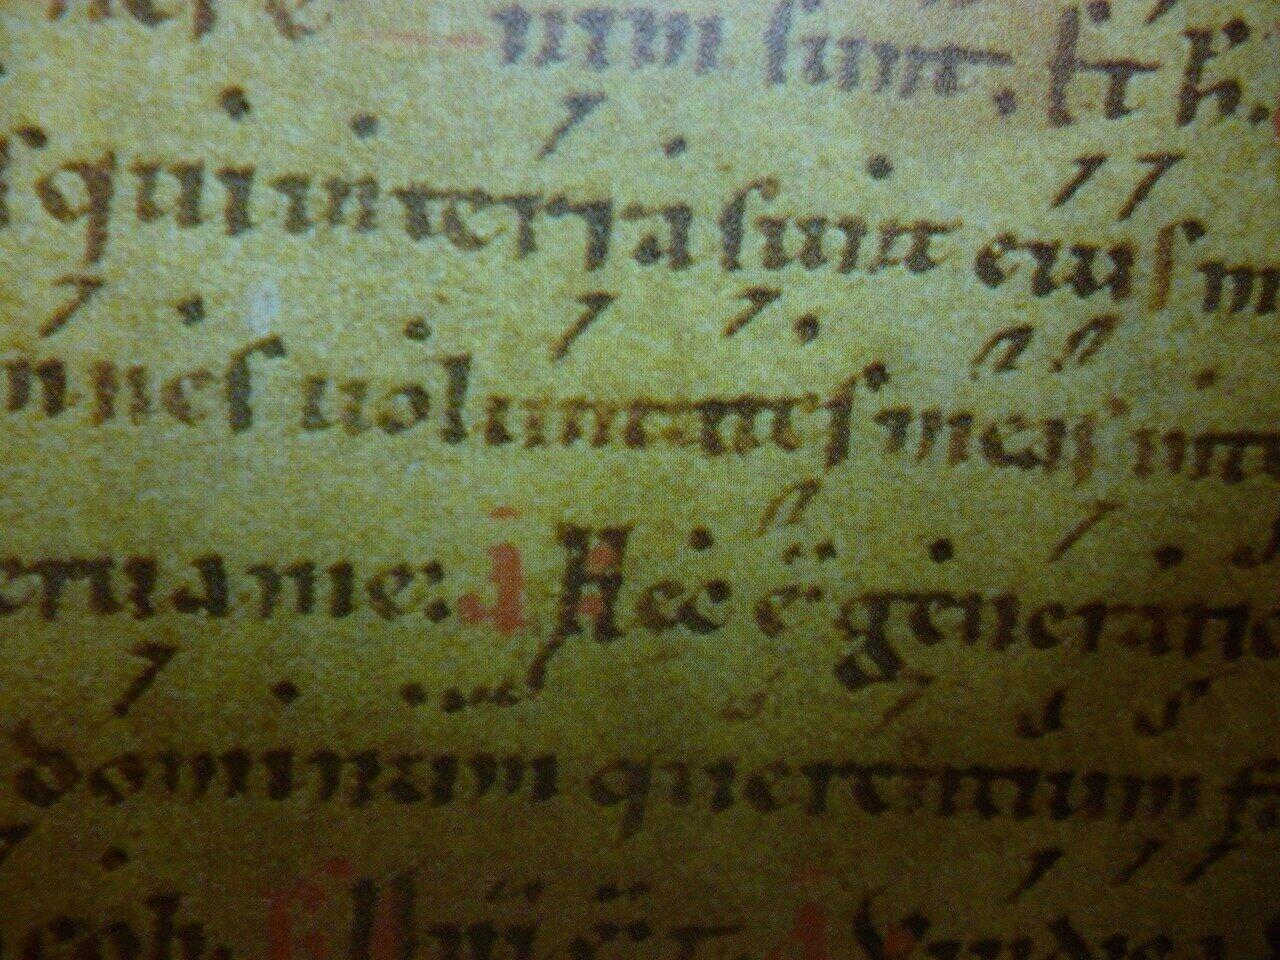 ネウマと呼ばれる、聖歌の言葉に印をつけた中世の楽譜。テンポやリズムなどの指示は一切ないが、現代でも使われている